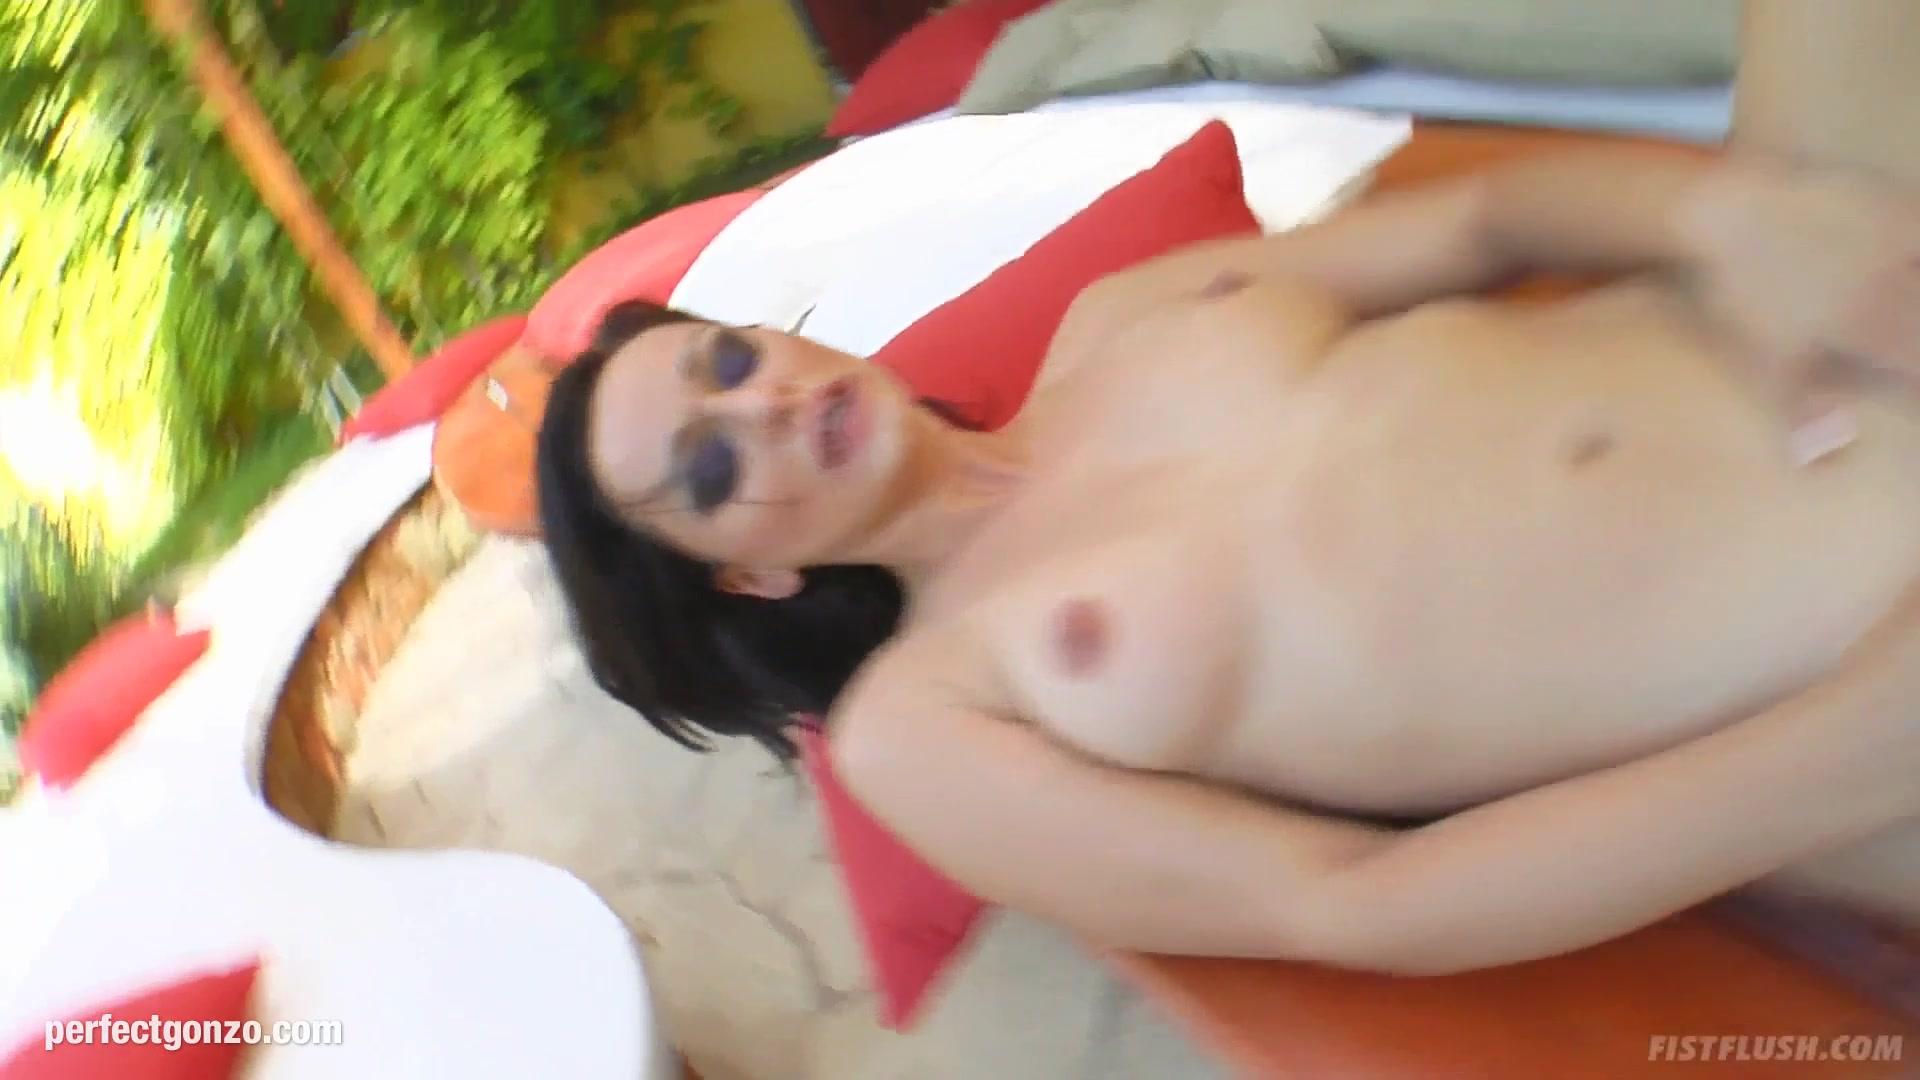 Masturbate High lesbiab sexo